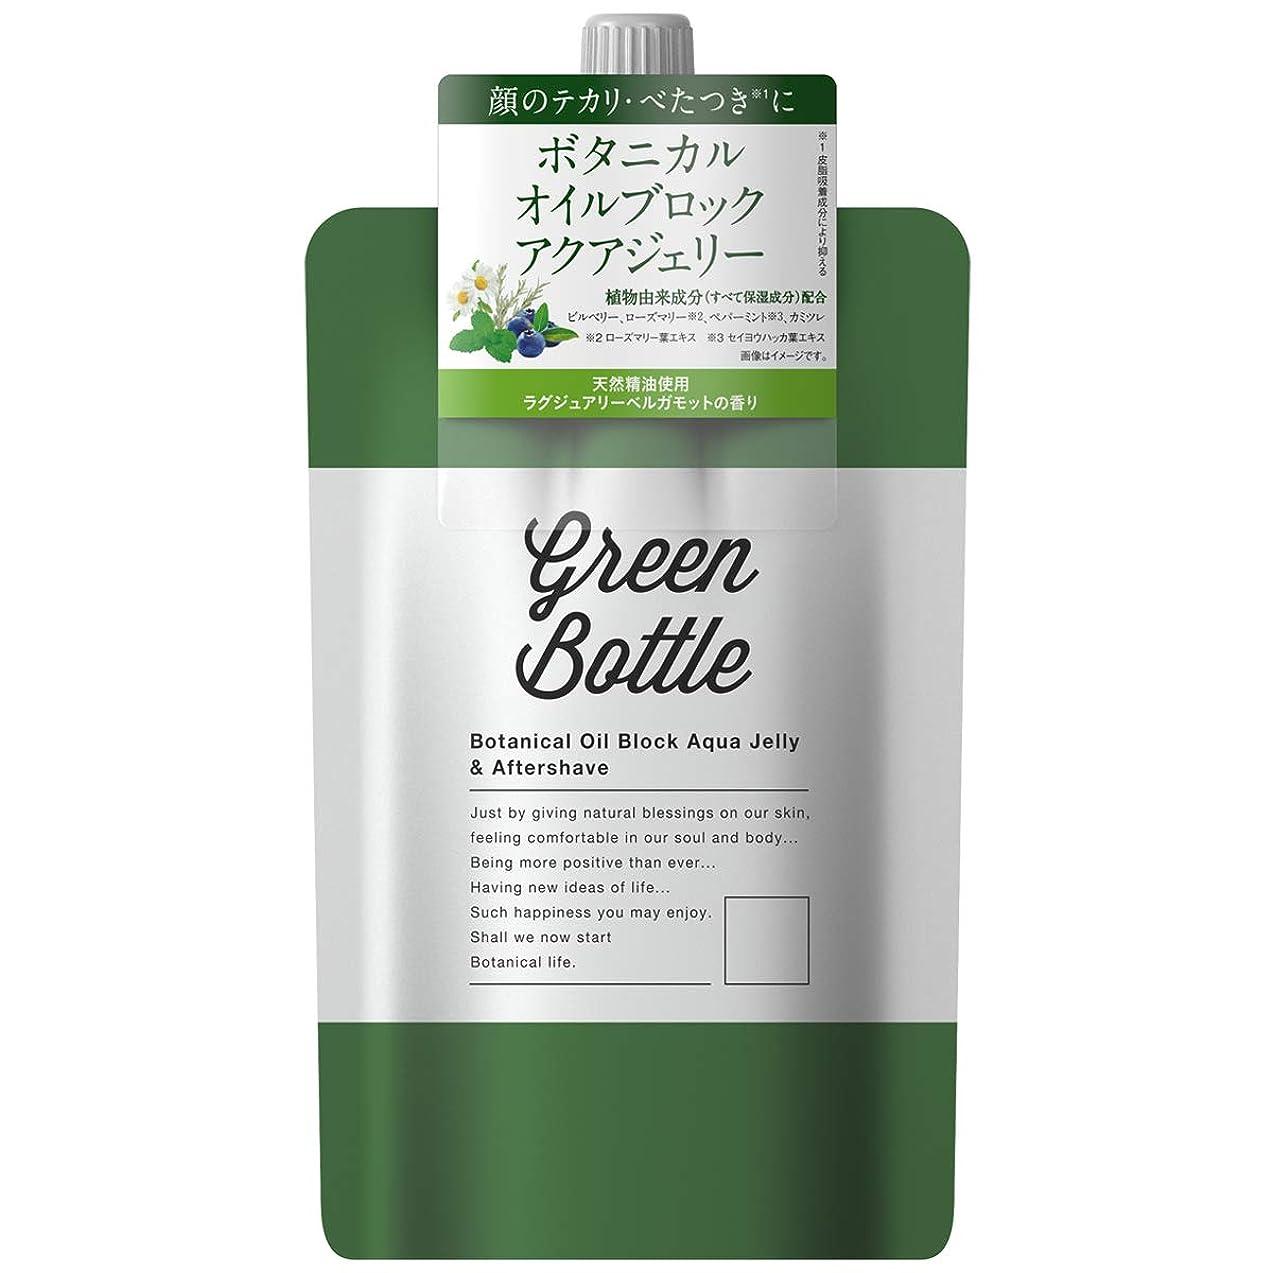 もちろんジャーナル身元グリーンボトルボタニカル グリーンボトル ボタニカルオイルブロックアクアジェリー 化粧水 ラグジュアリーベルガモットの香り 150g